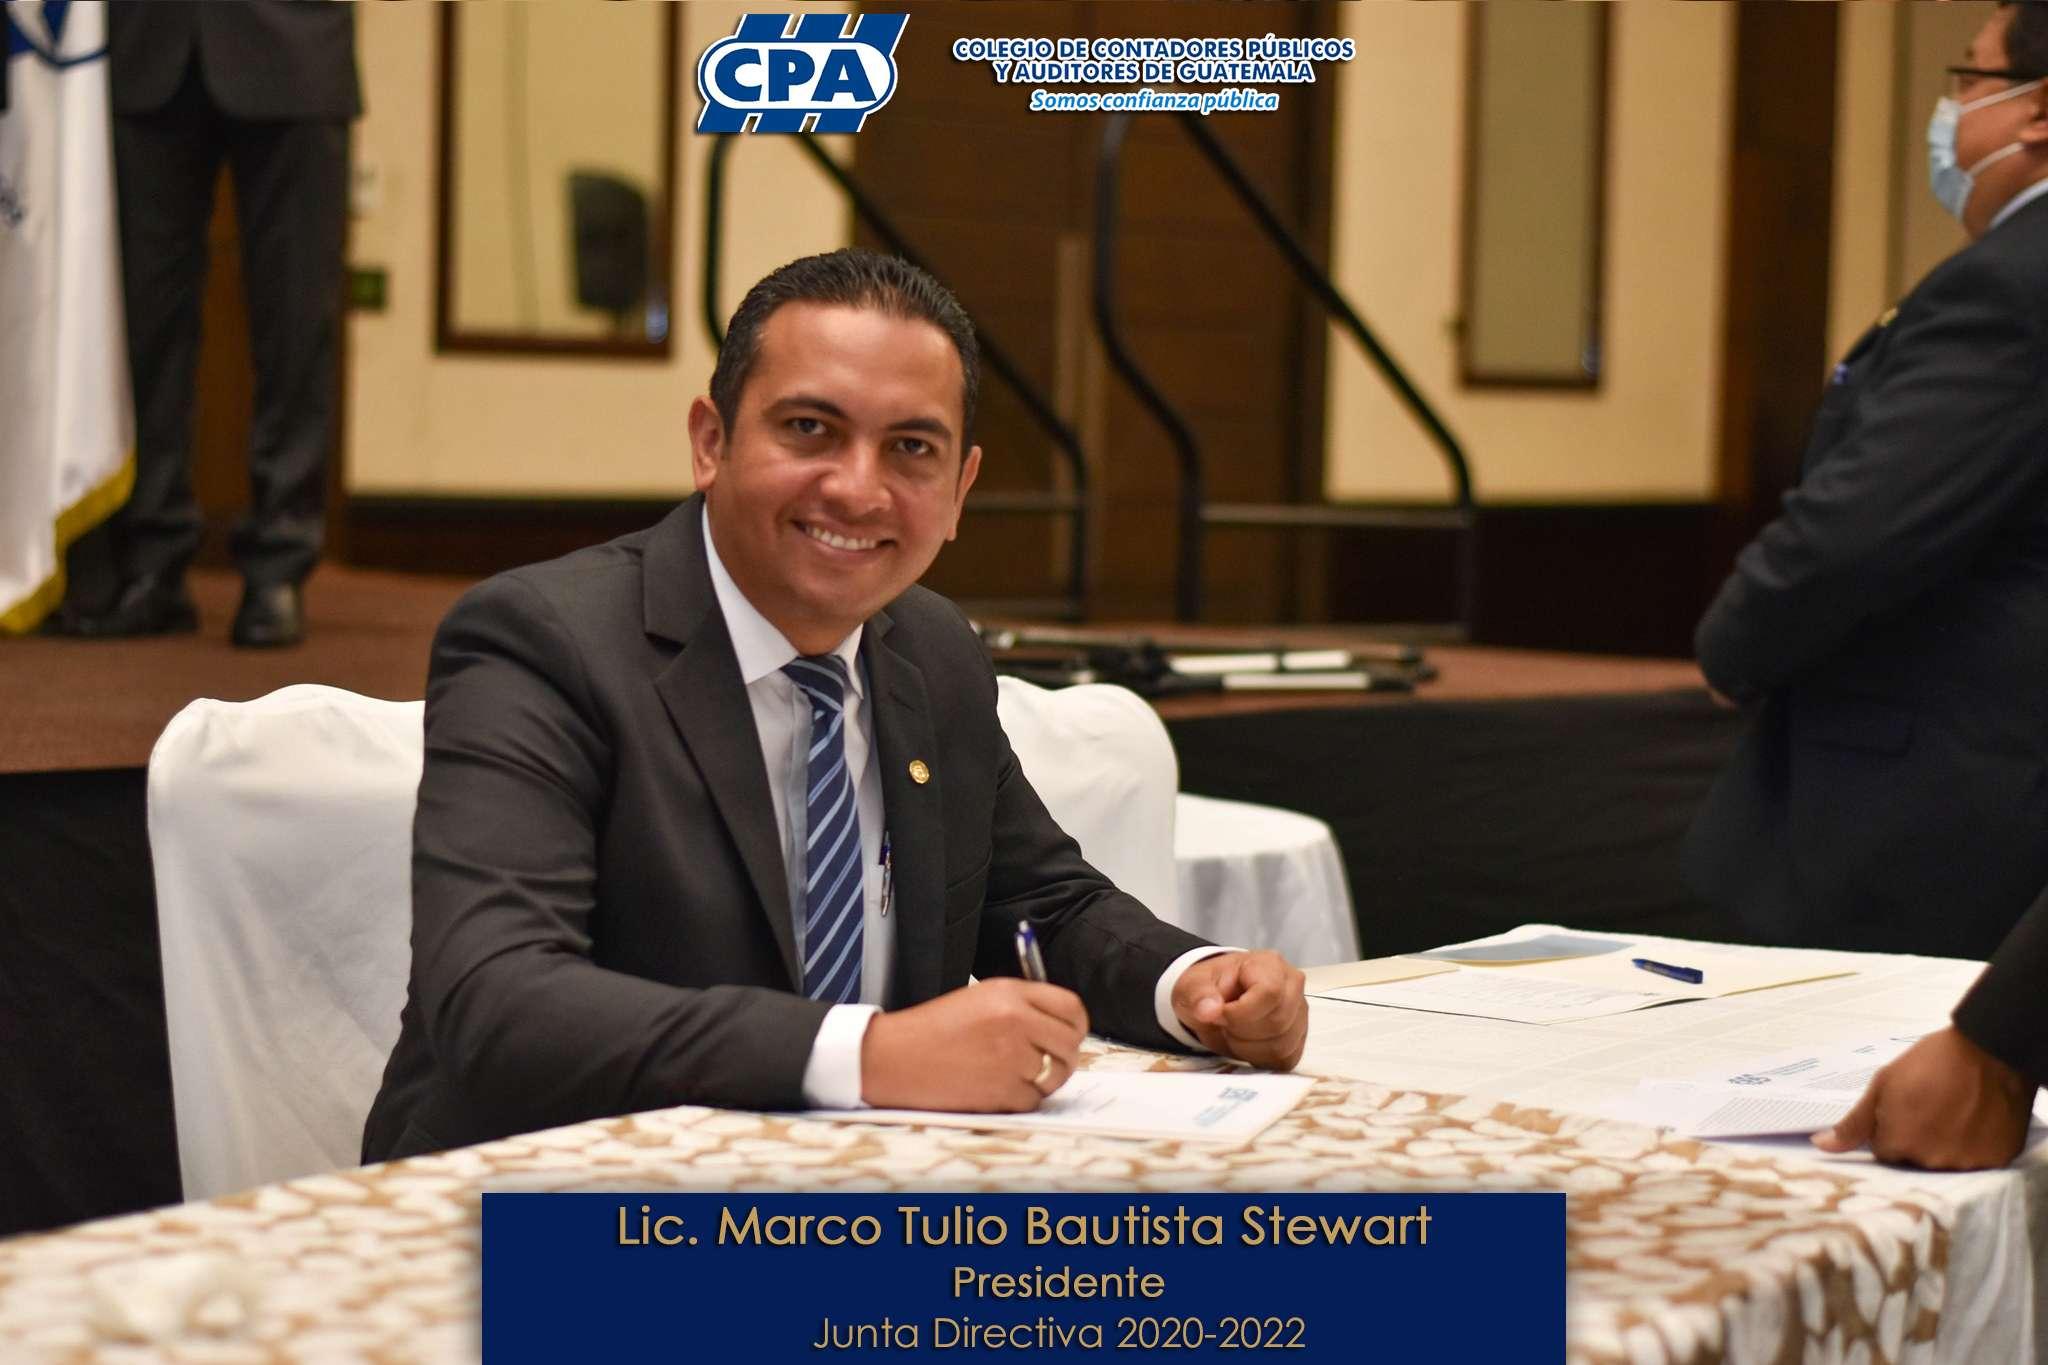 Lic Marco Tulio Bautista Stewart